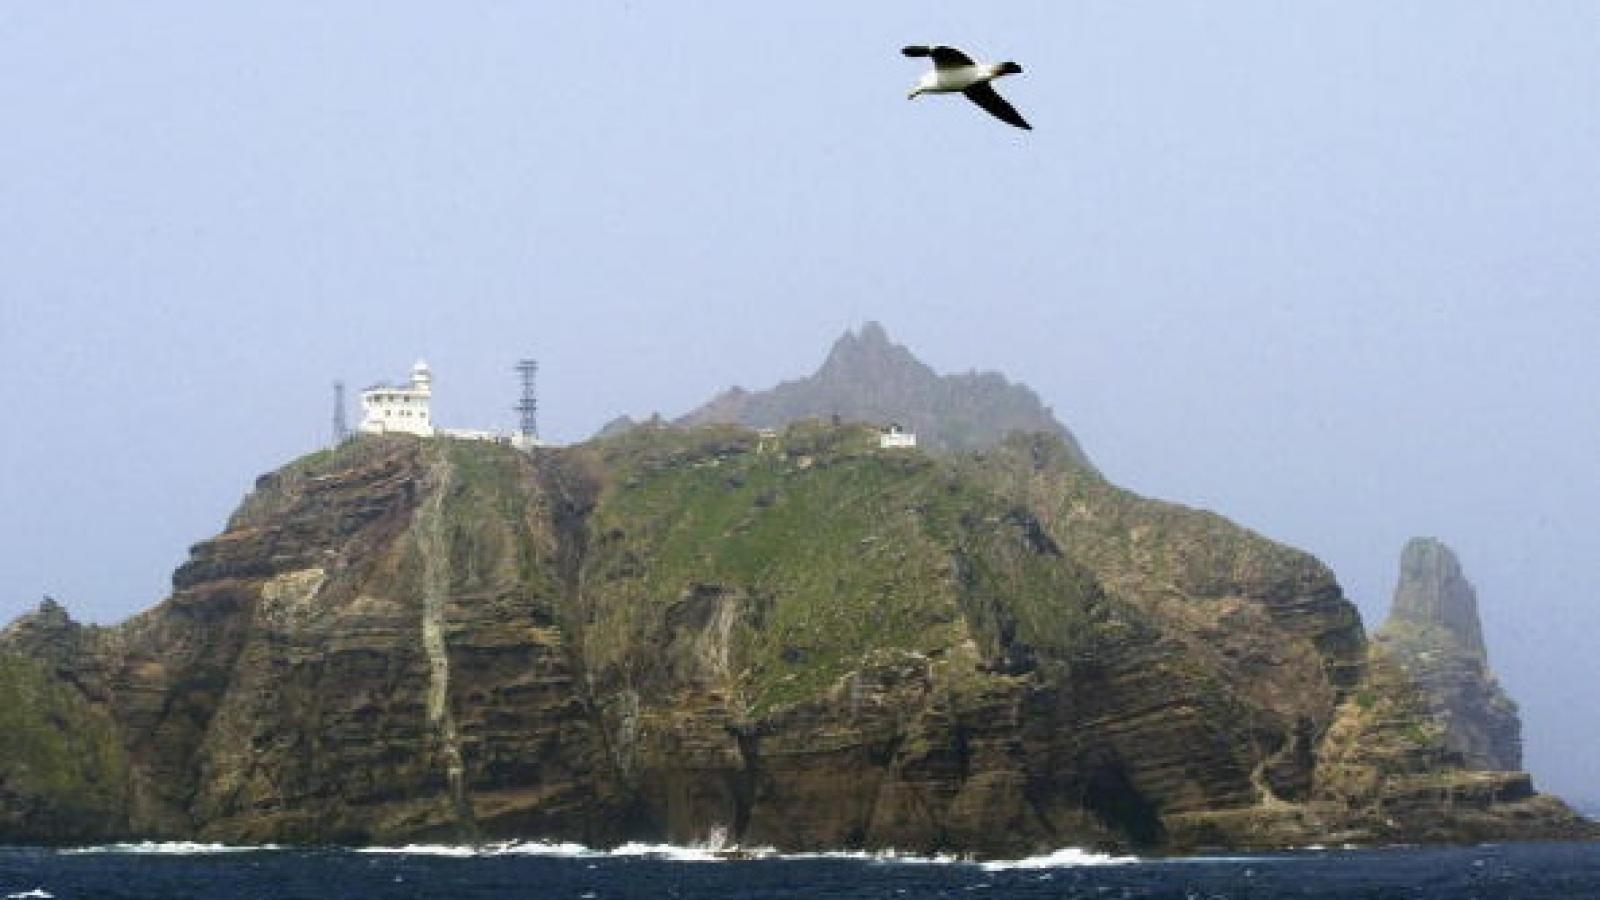 Nhật Bản kháng nghị vấn đề Takeshima/Dokdo, Hàn Quốc phản bác